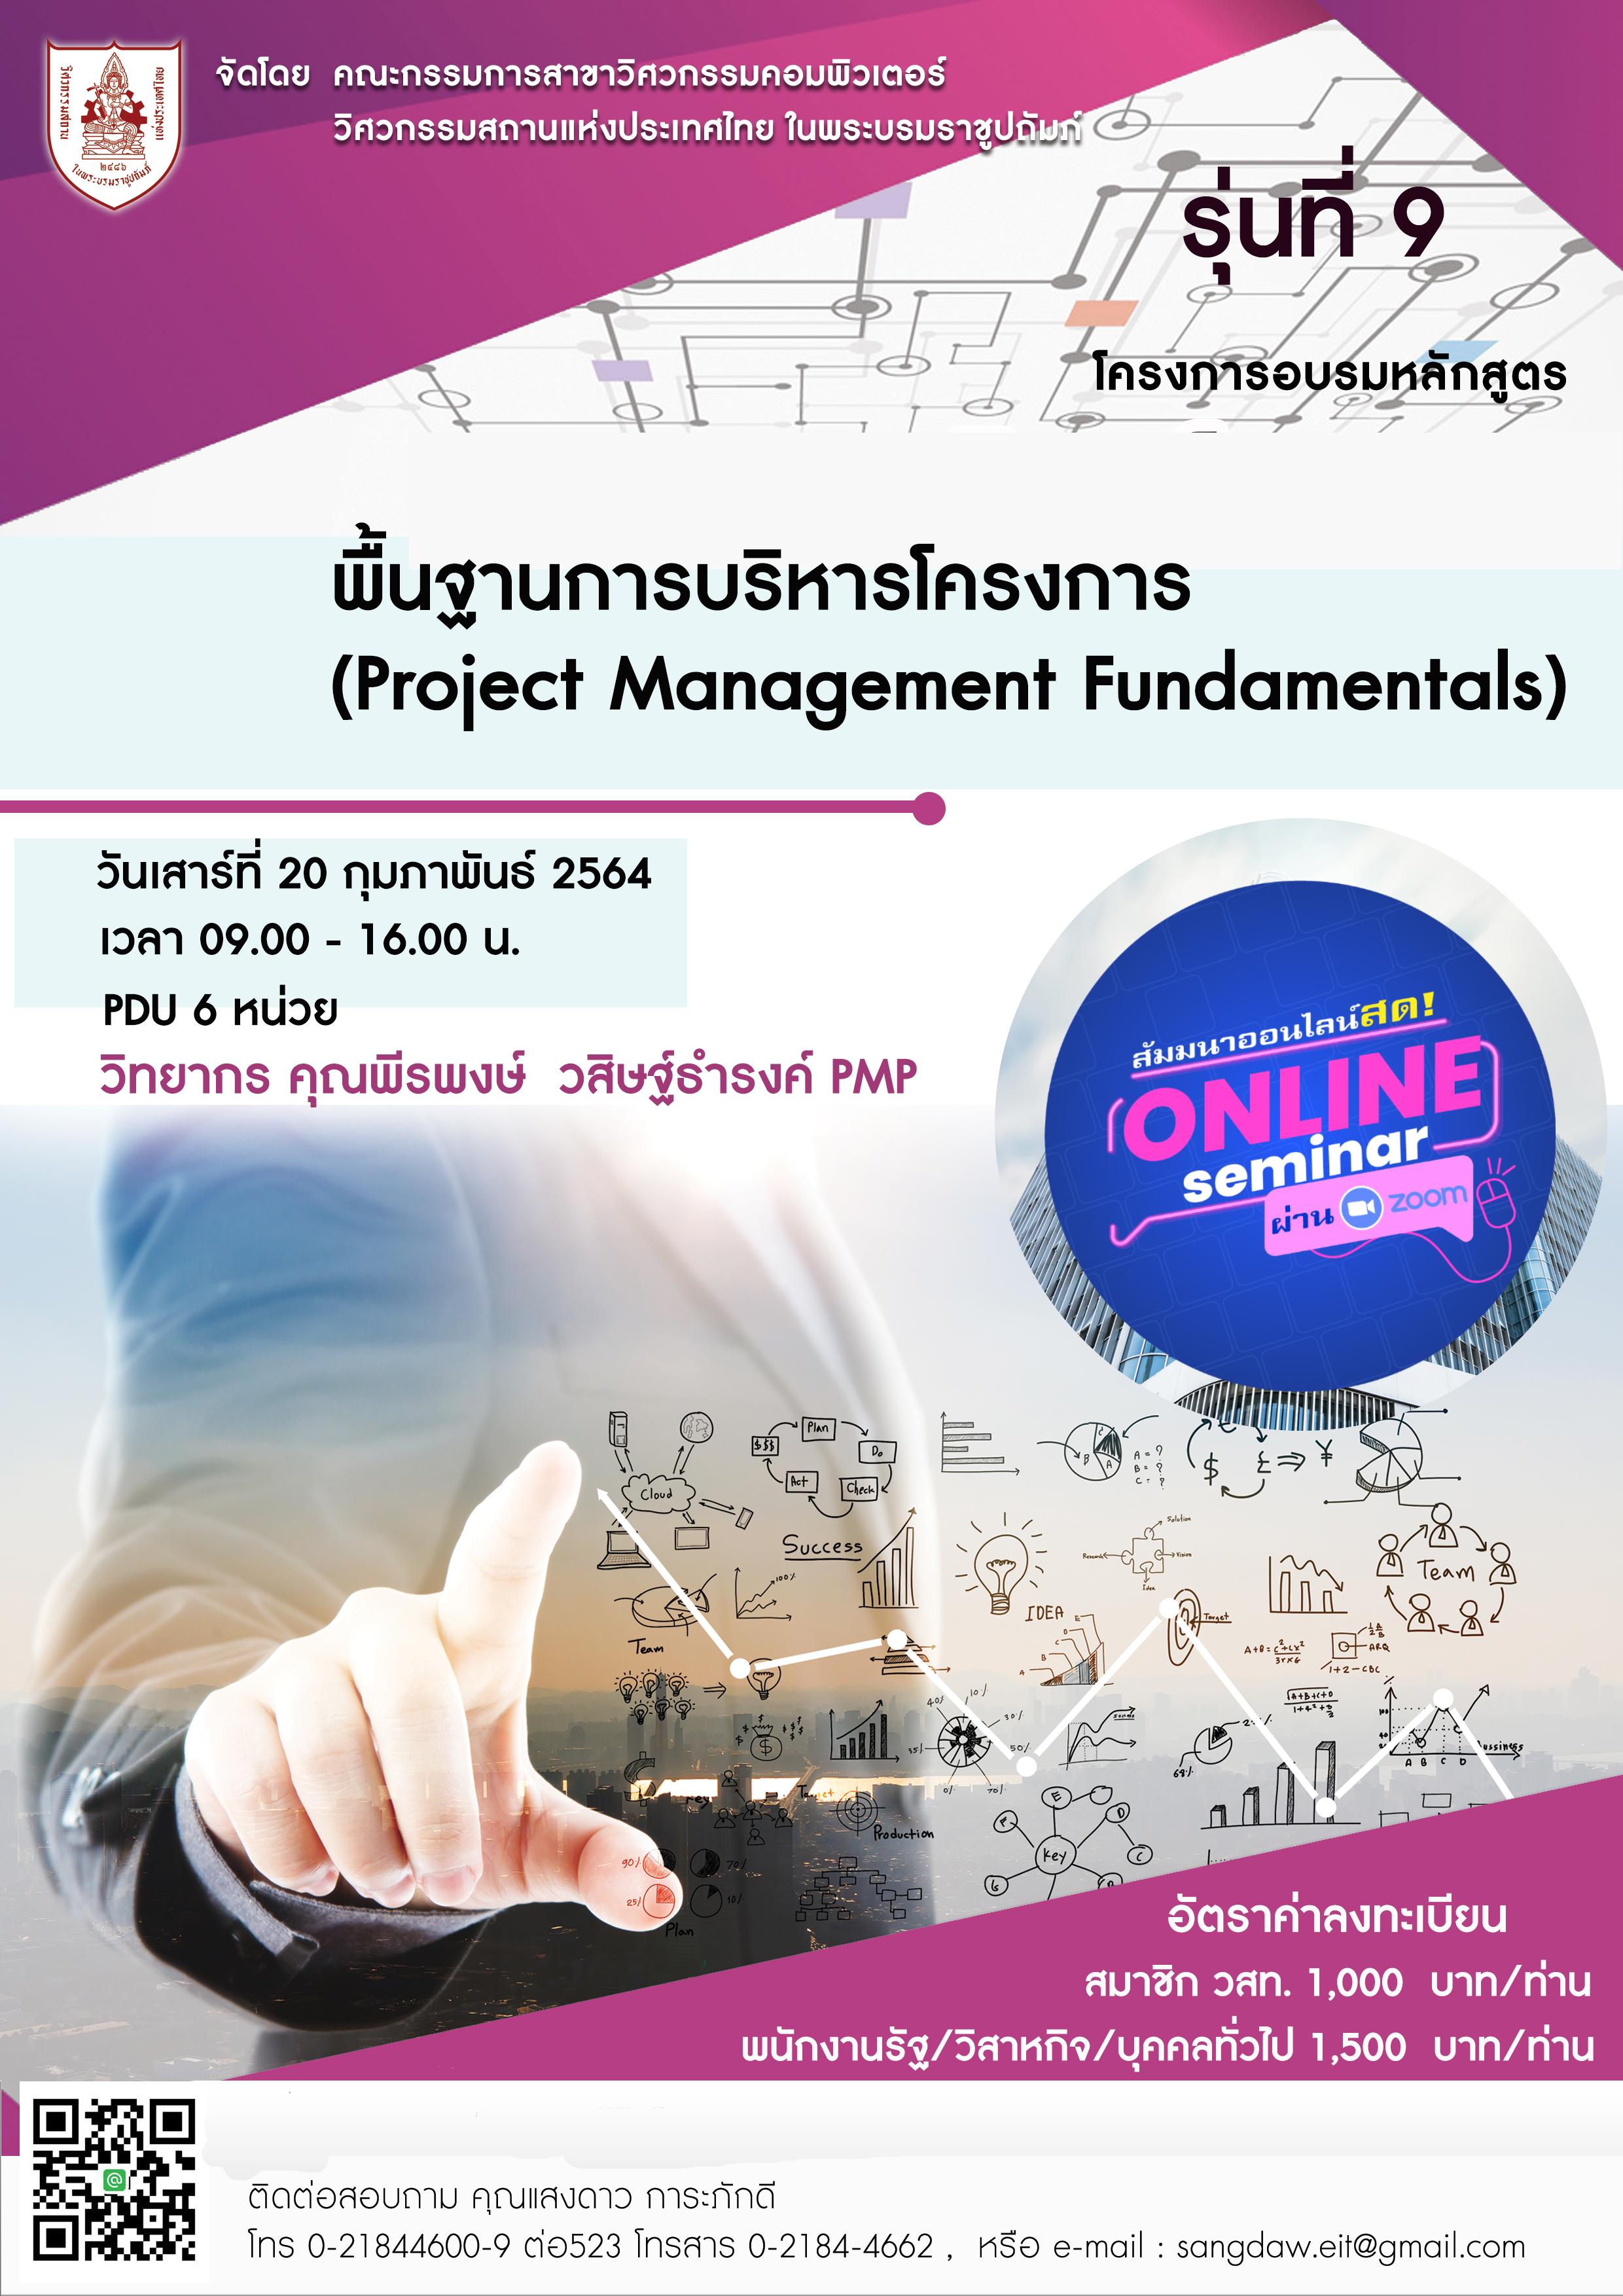 20/02/2564พื้นฐานการบริหารโครงการ   (Project Management Fundamentals)  รุ่นที่ 9 (จัดอบรมออนไลน์)